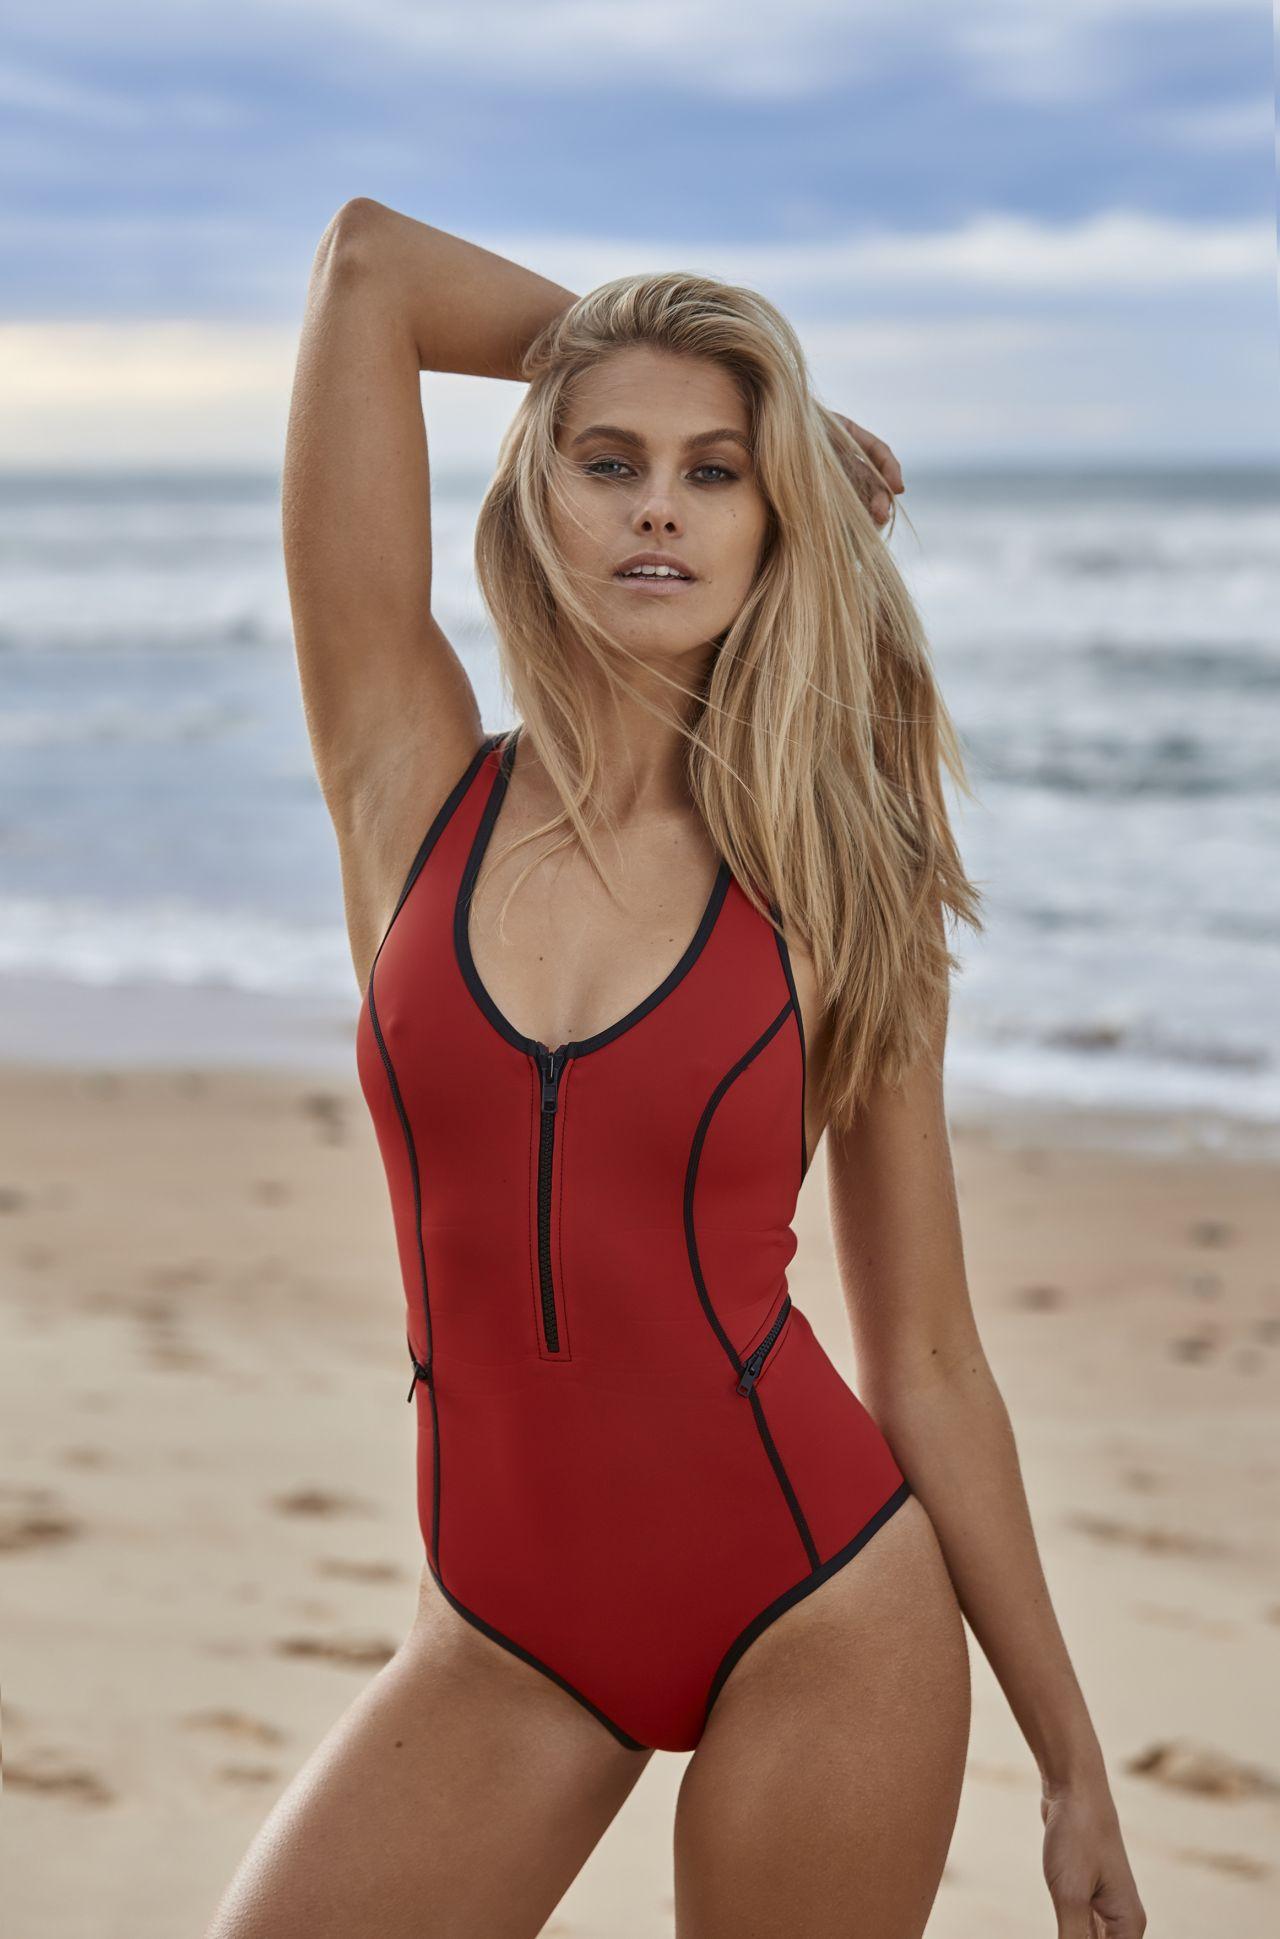 Cleavage Natalie Jayne Roser nudes (28 images), Bikini